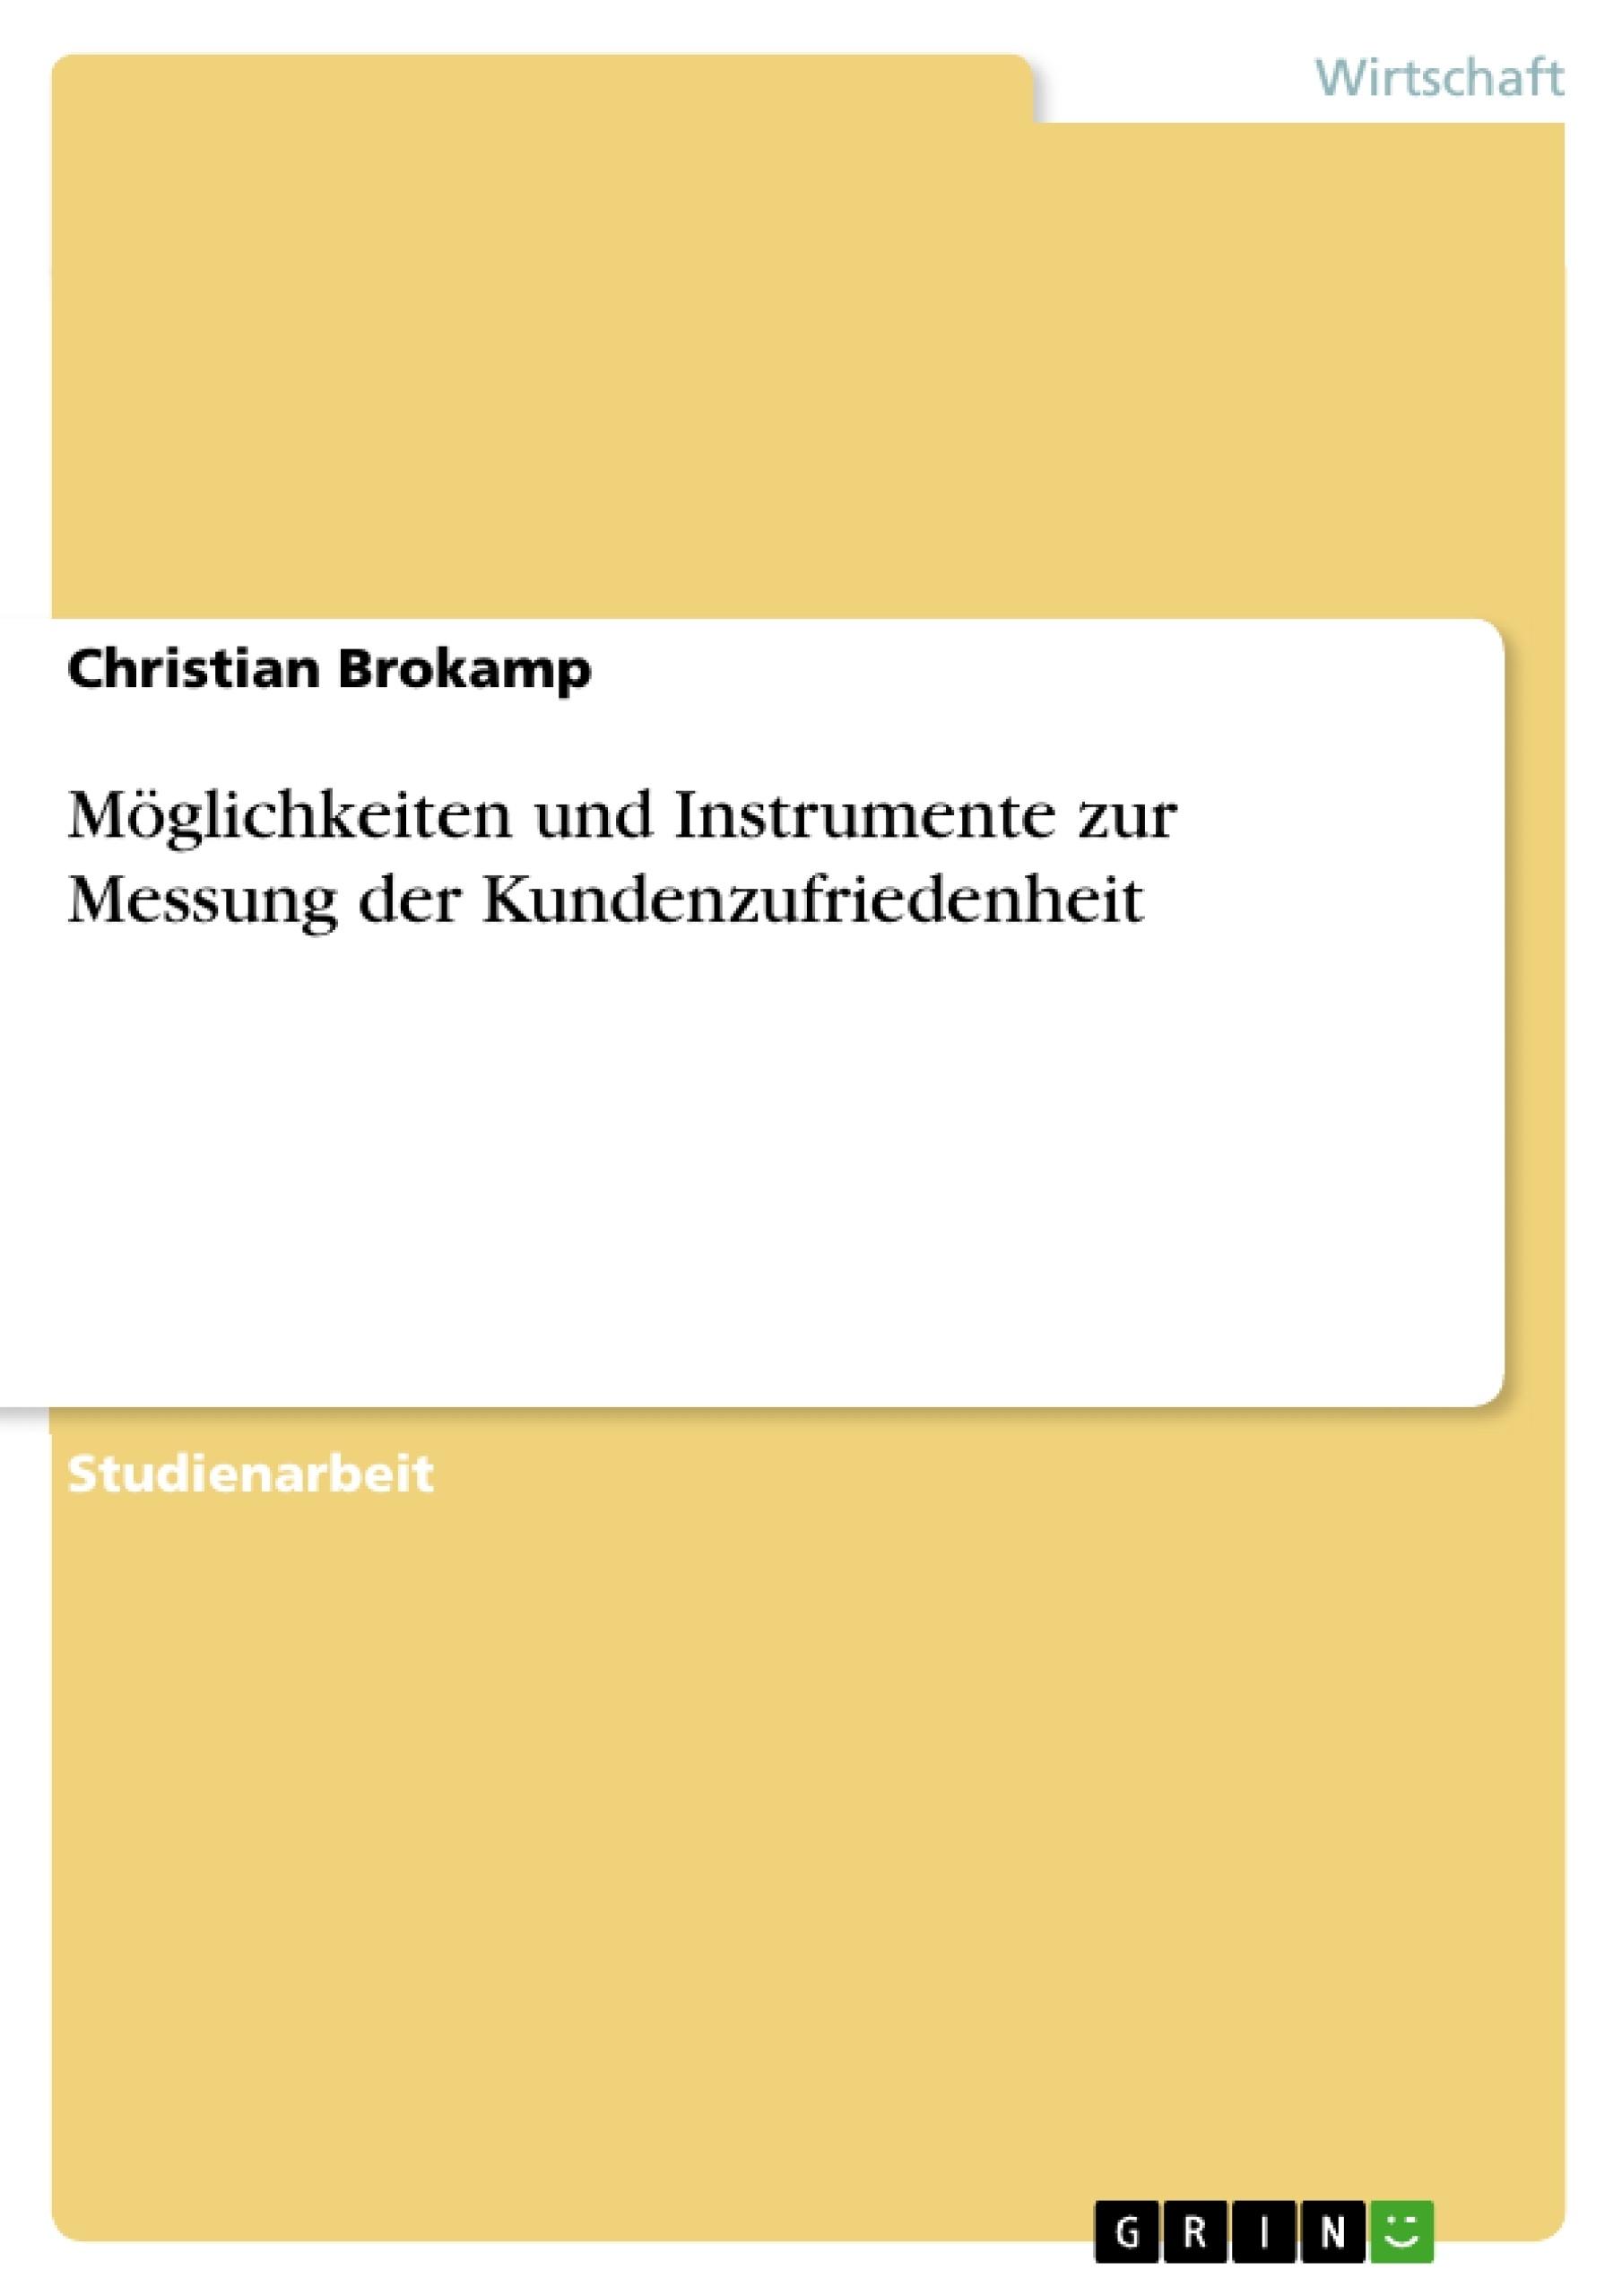 Titel: Möglichkeiten und Instrumente zur Messung der Kundenzufriedenheit